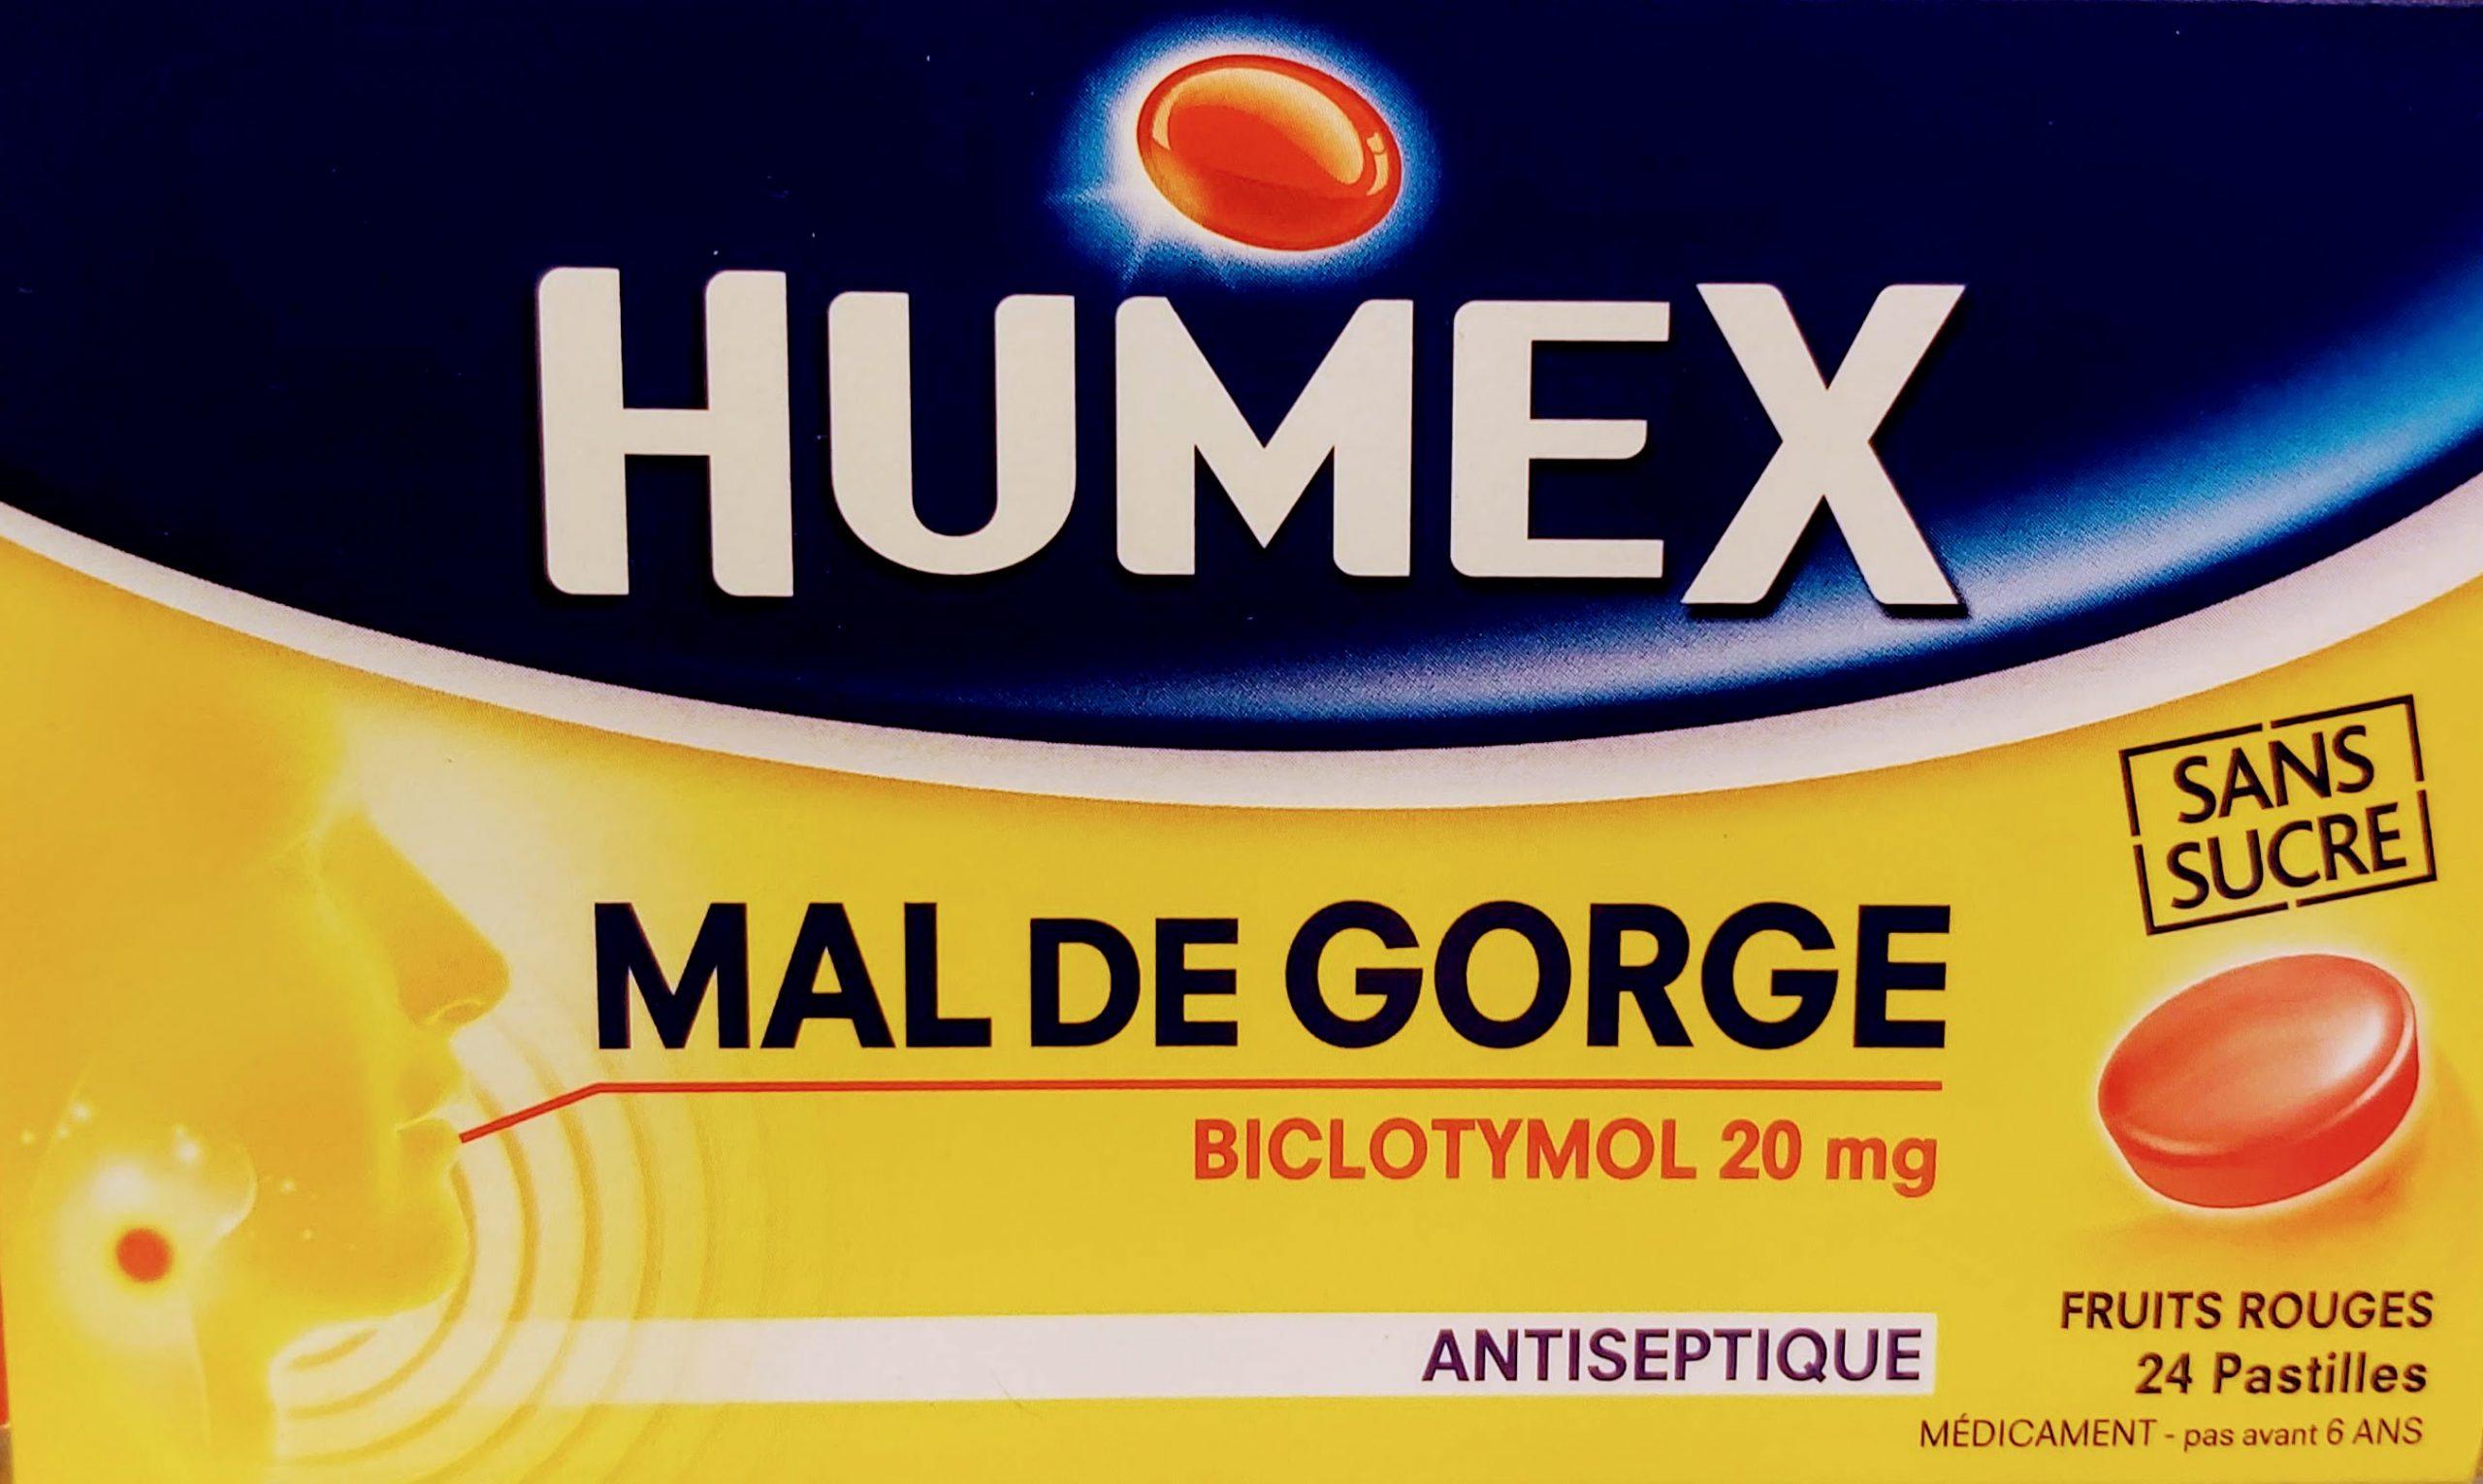 Comprar HUMEX MAL DE GORGE en Gran Farmacia Andorra pastillas antisépticas para la garganta. Disponible en más sabores.